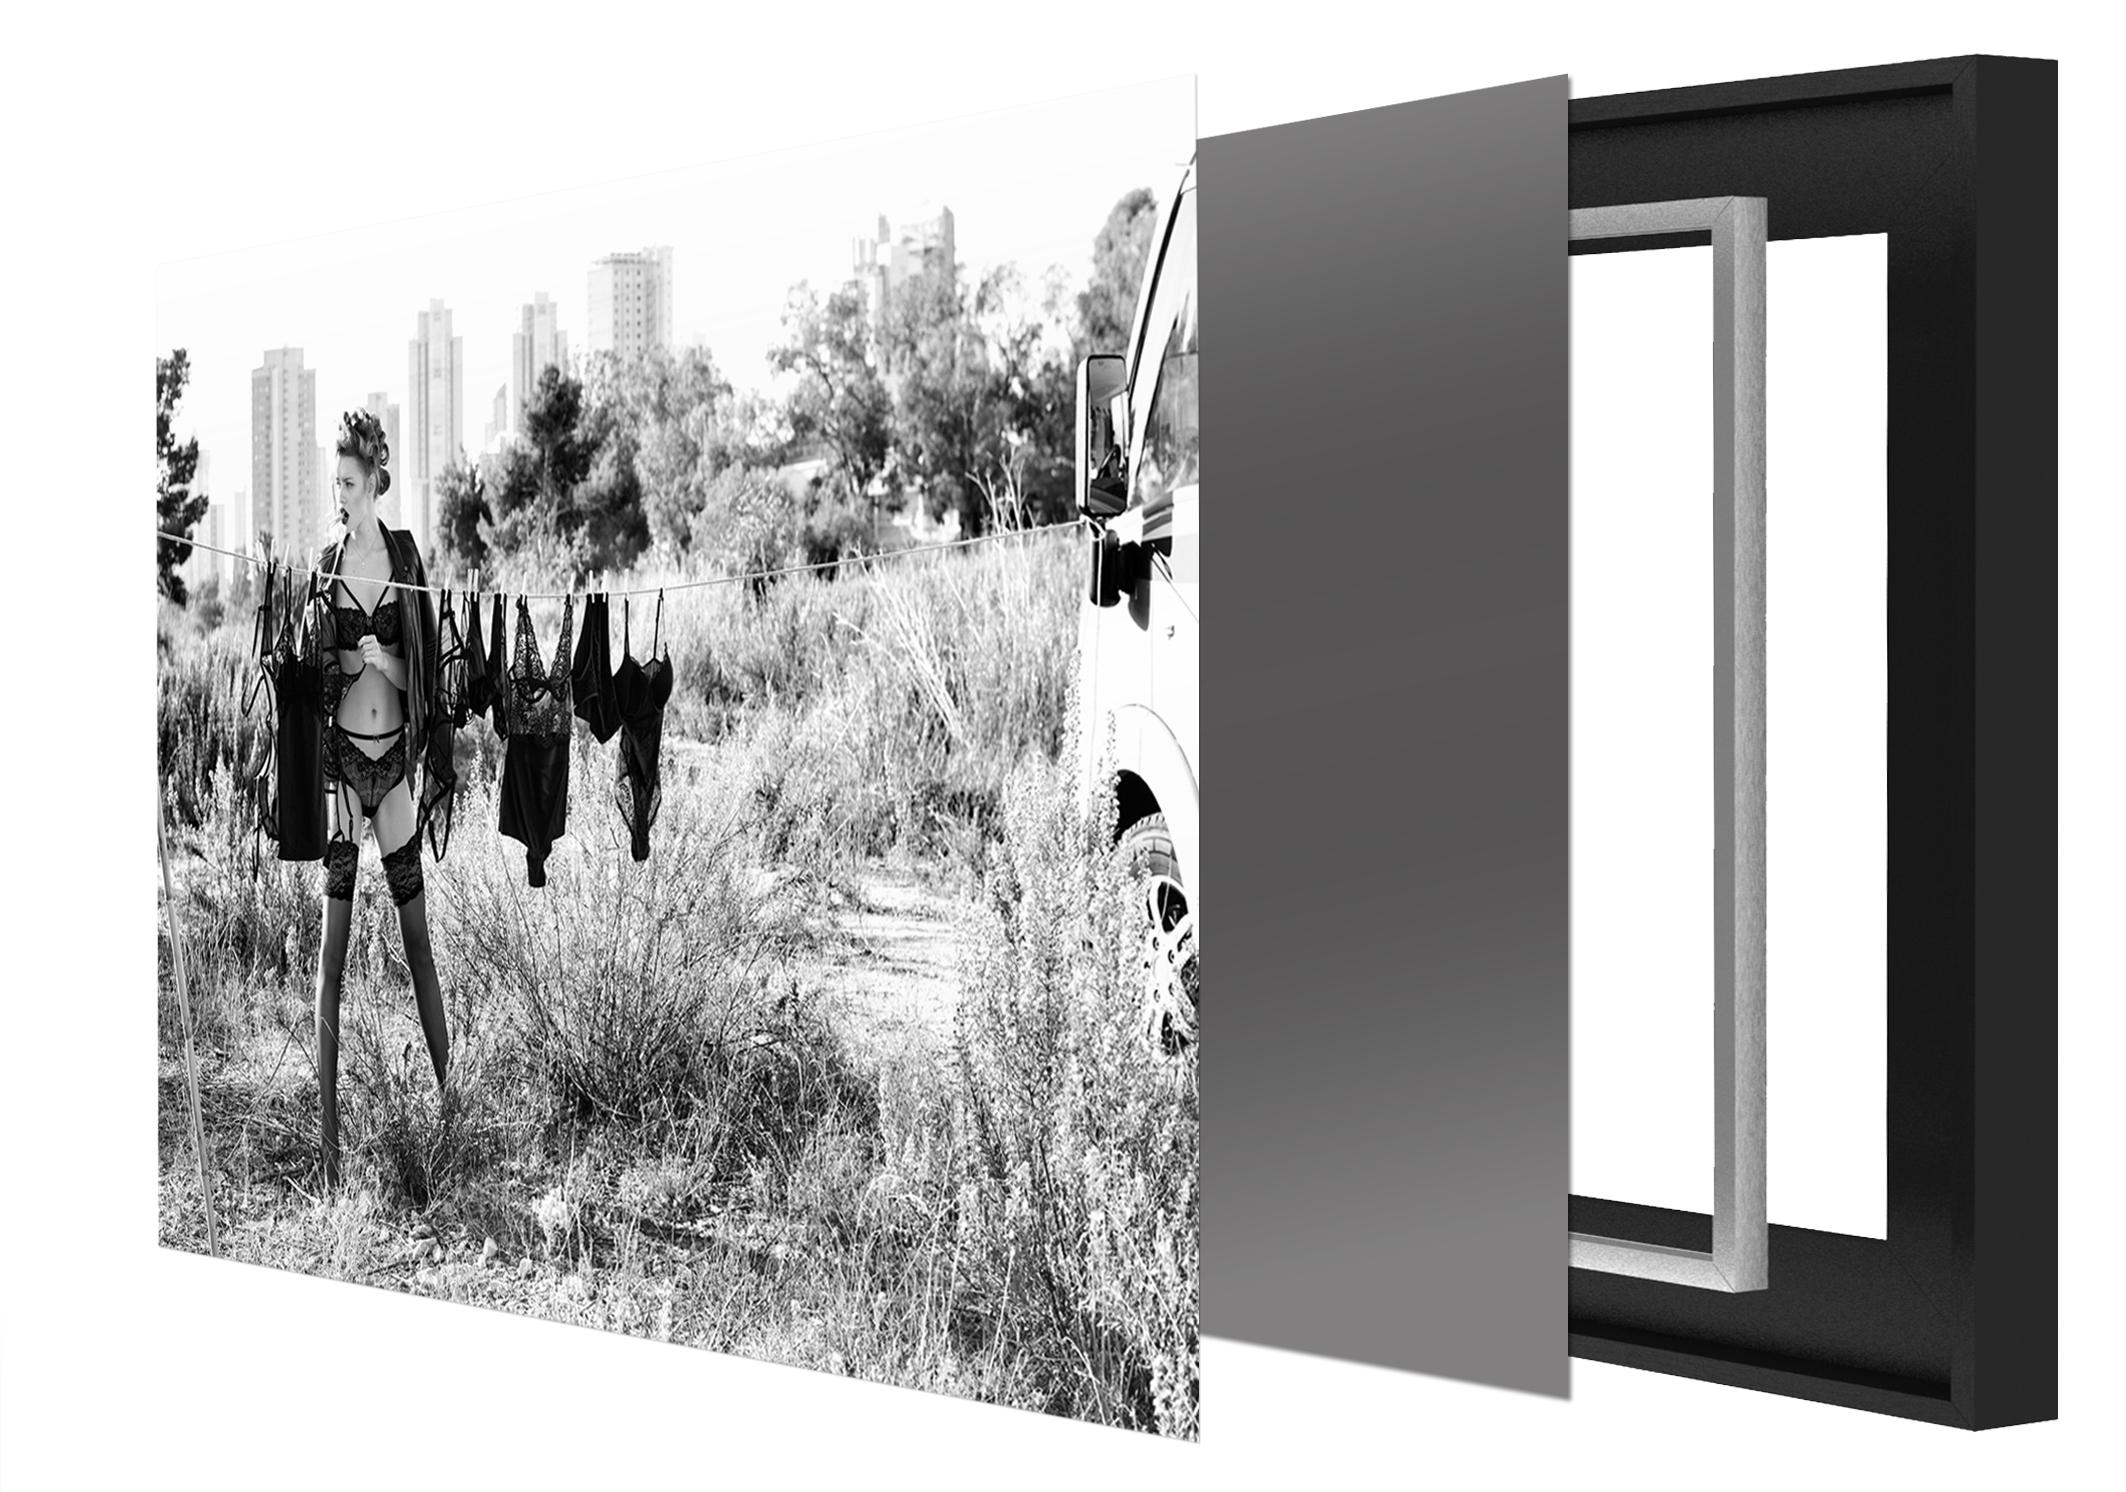 floater frame example 3.jpg